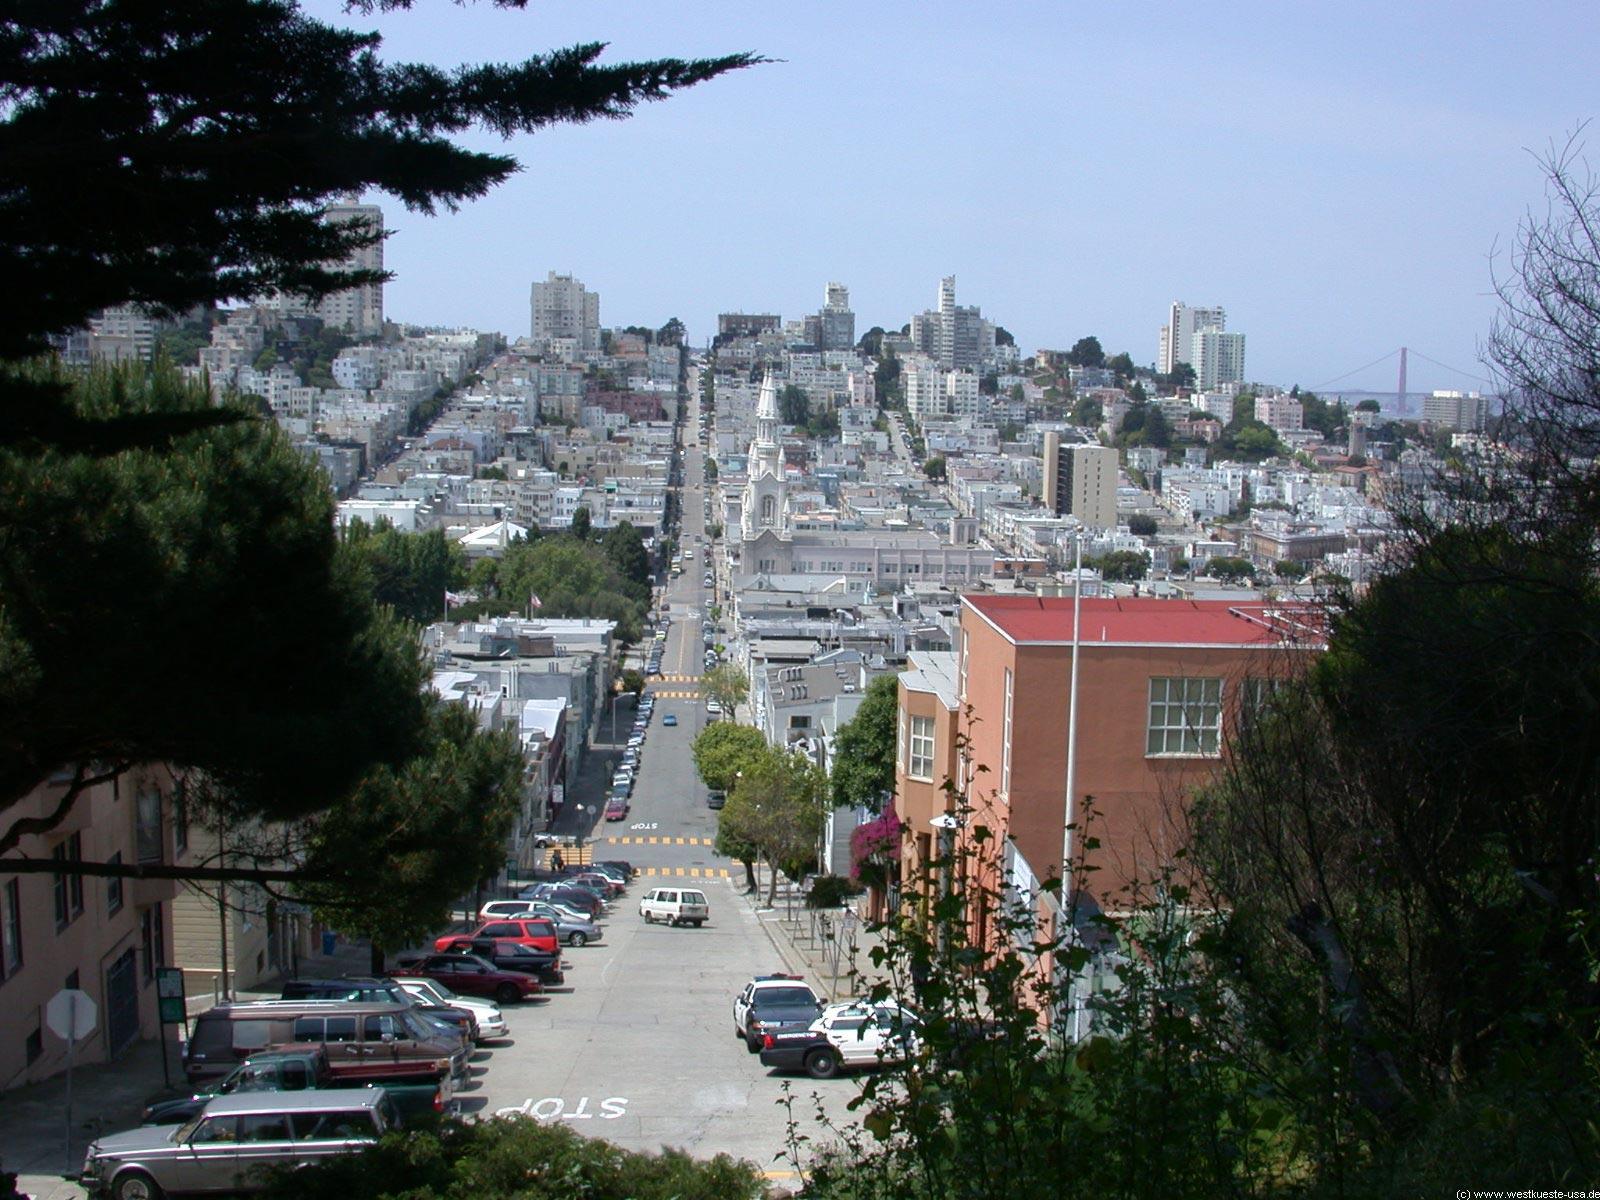 San Francisco by prezi prsentation on